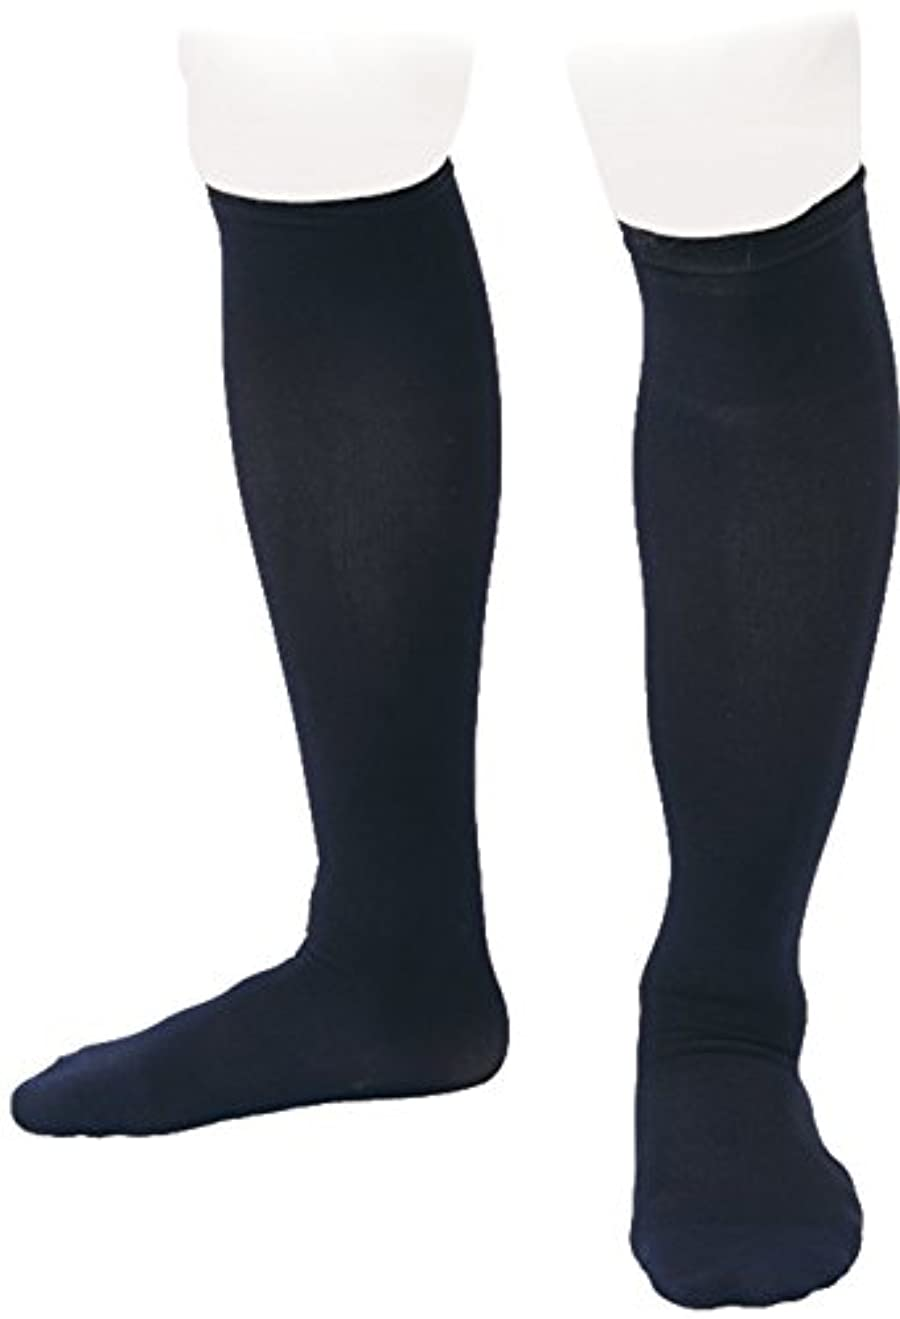 注入するそのようなミュウミュウ【マッスルプロジェクト】日本企画 2足組 メンズ 加圧 ソックス 靴下 黒 ブラック (MP-CS2S) (対応サイズ:25~28cm) 引き締め 運動効果 (新日本プロレス) 棚橋選手 オススメ